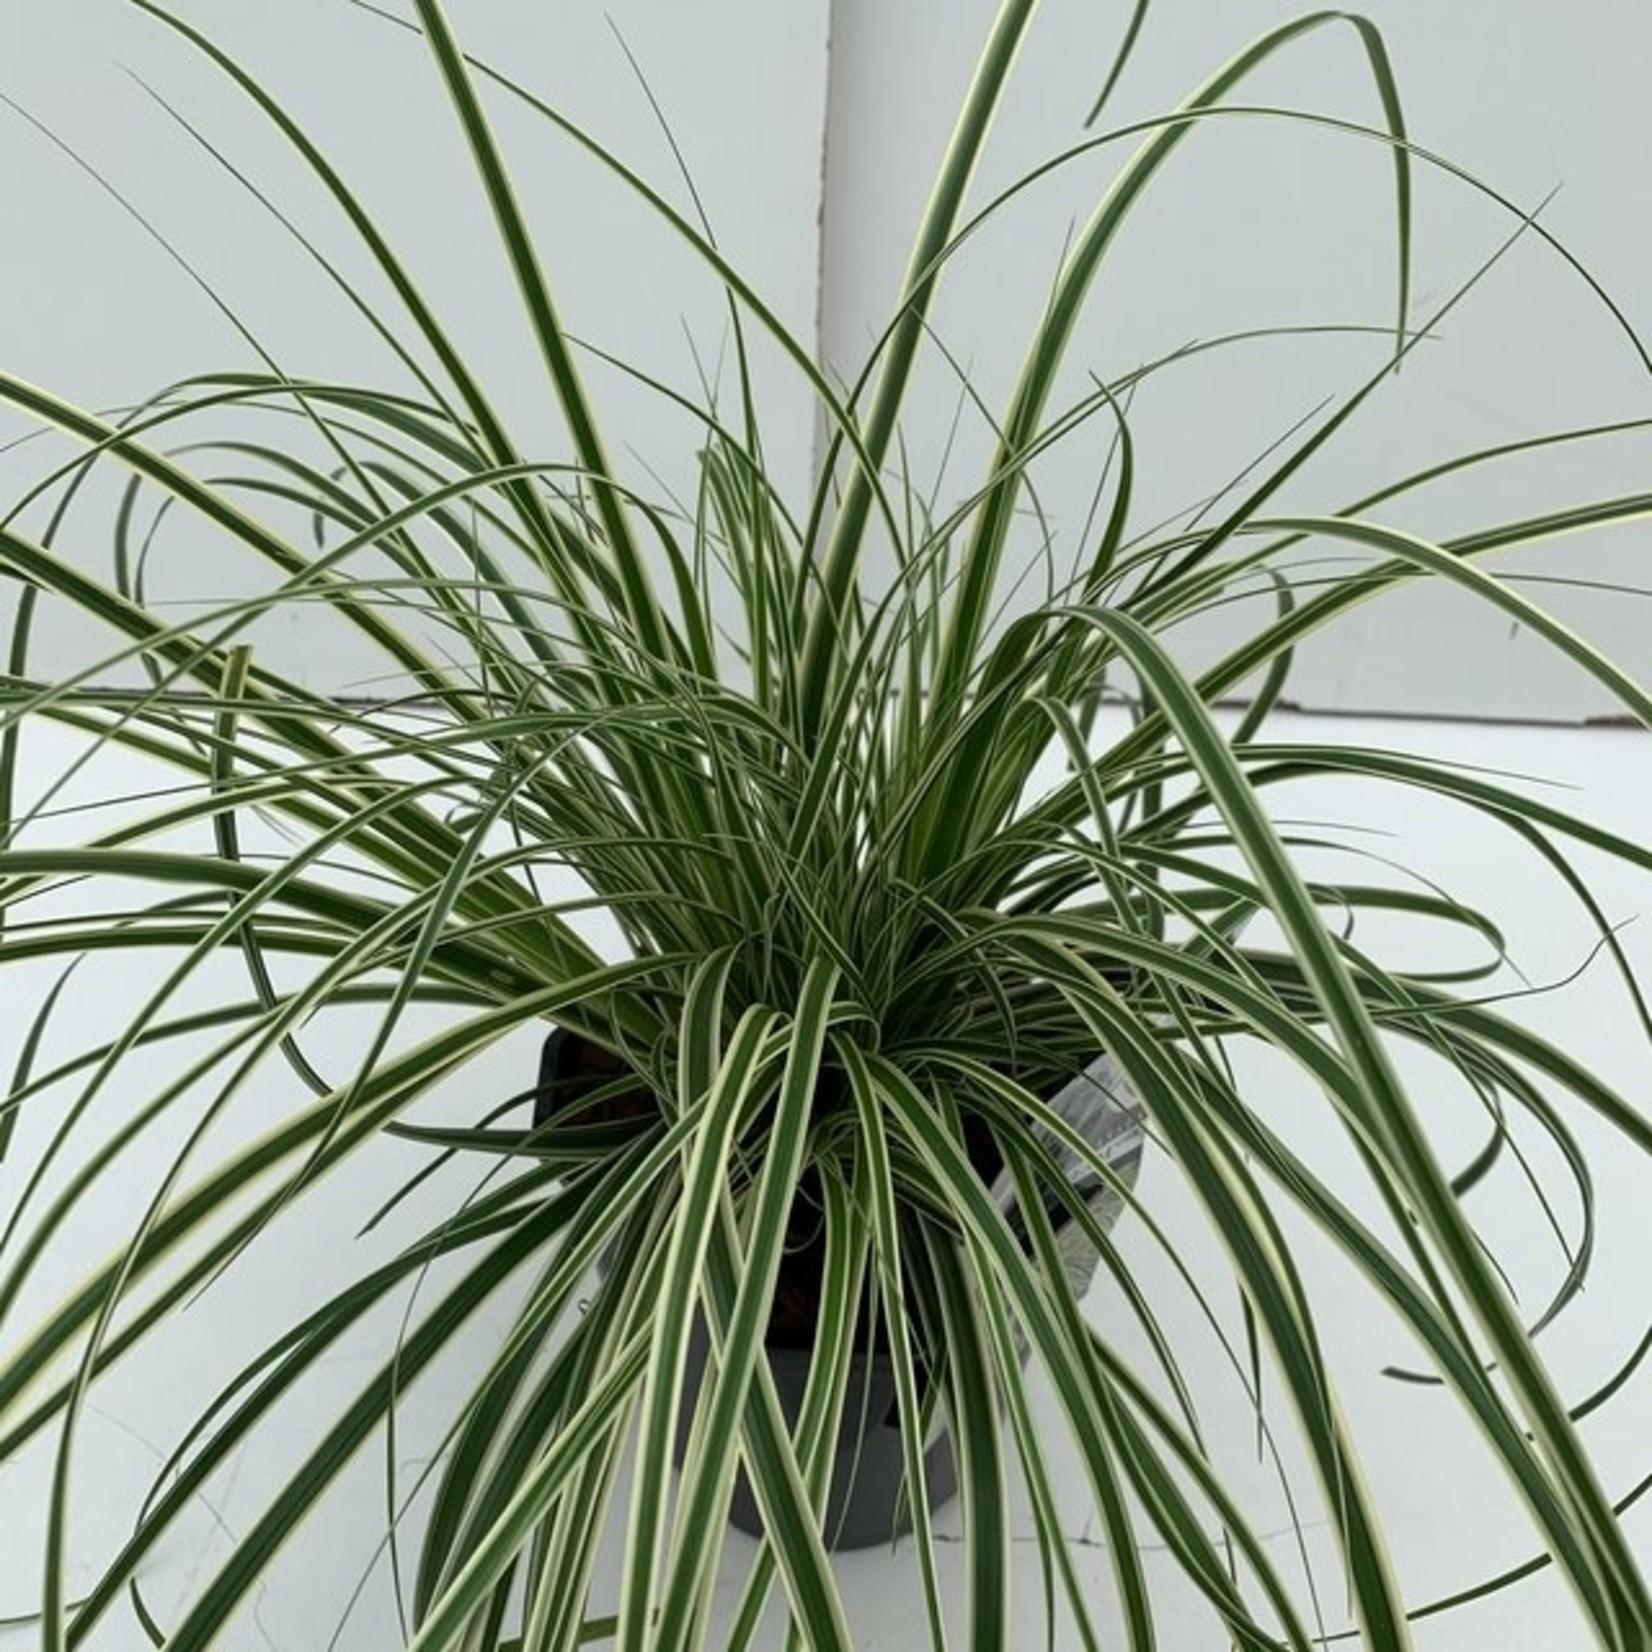 Carex oshimensis 'Evercream' (bontbladige zegge)